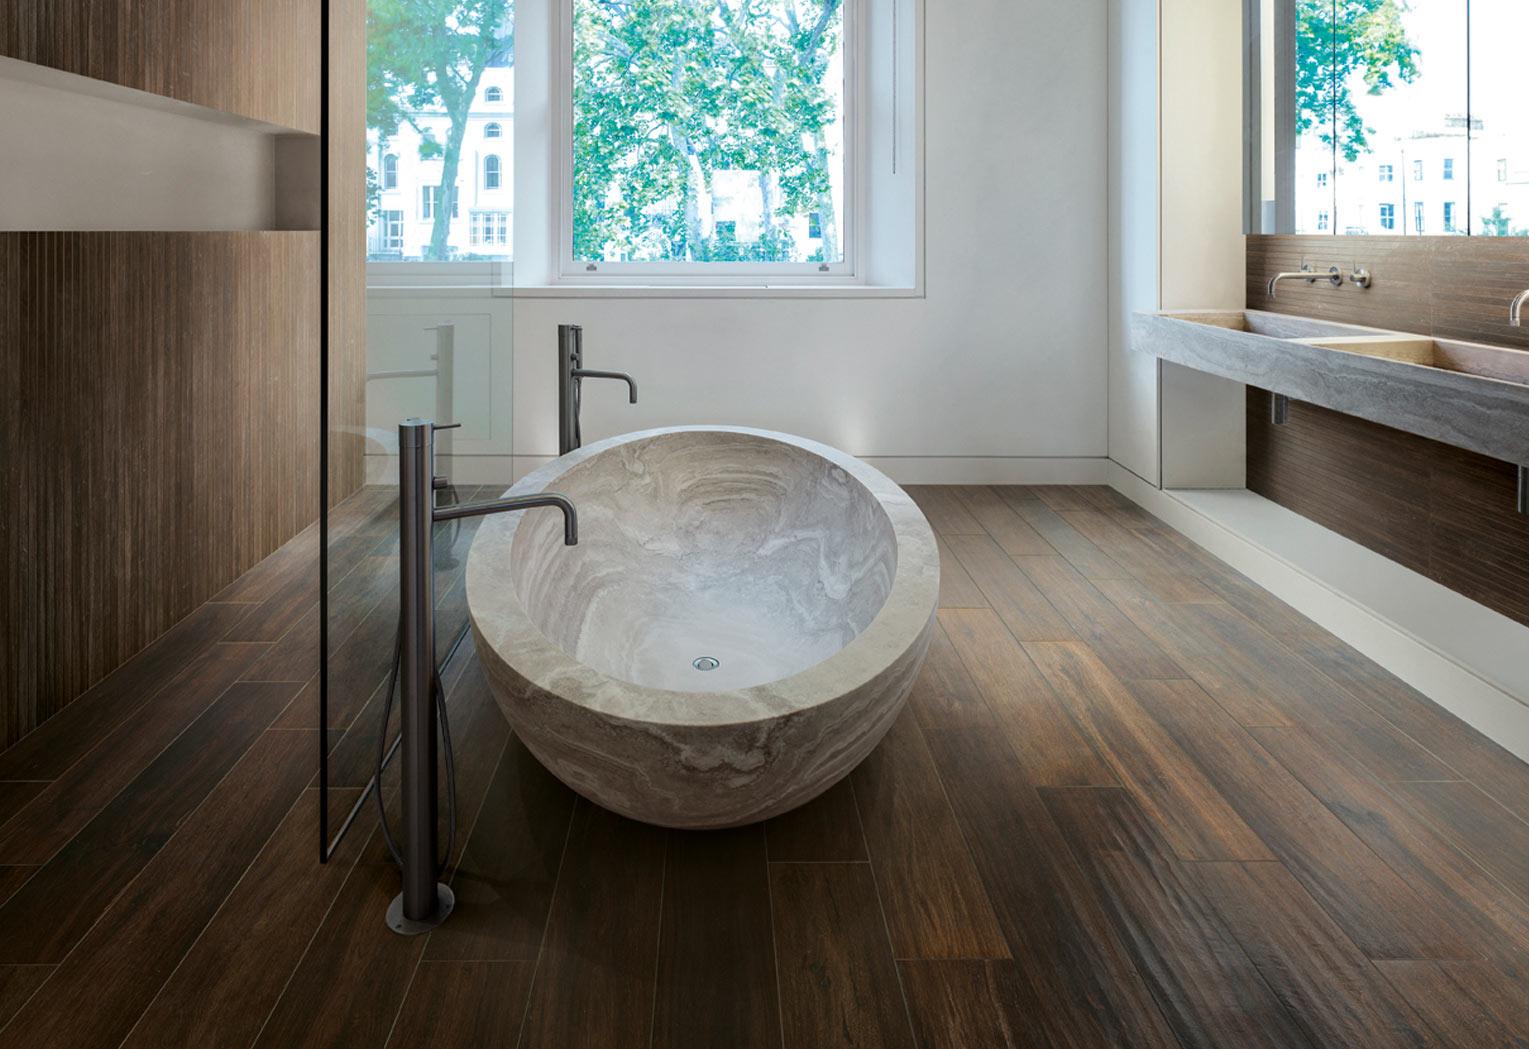 Với một diện tích phòng tắm nhỏ hơn và kinh phí tiết kiệm, sàn gỗ là vật liệu nên được cân nhắc.